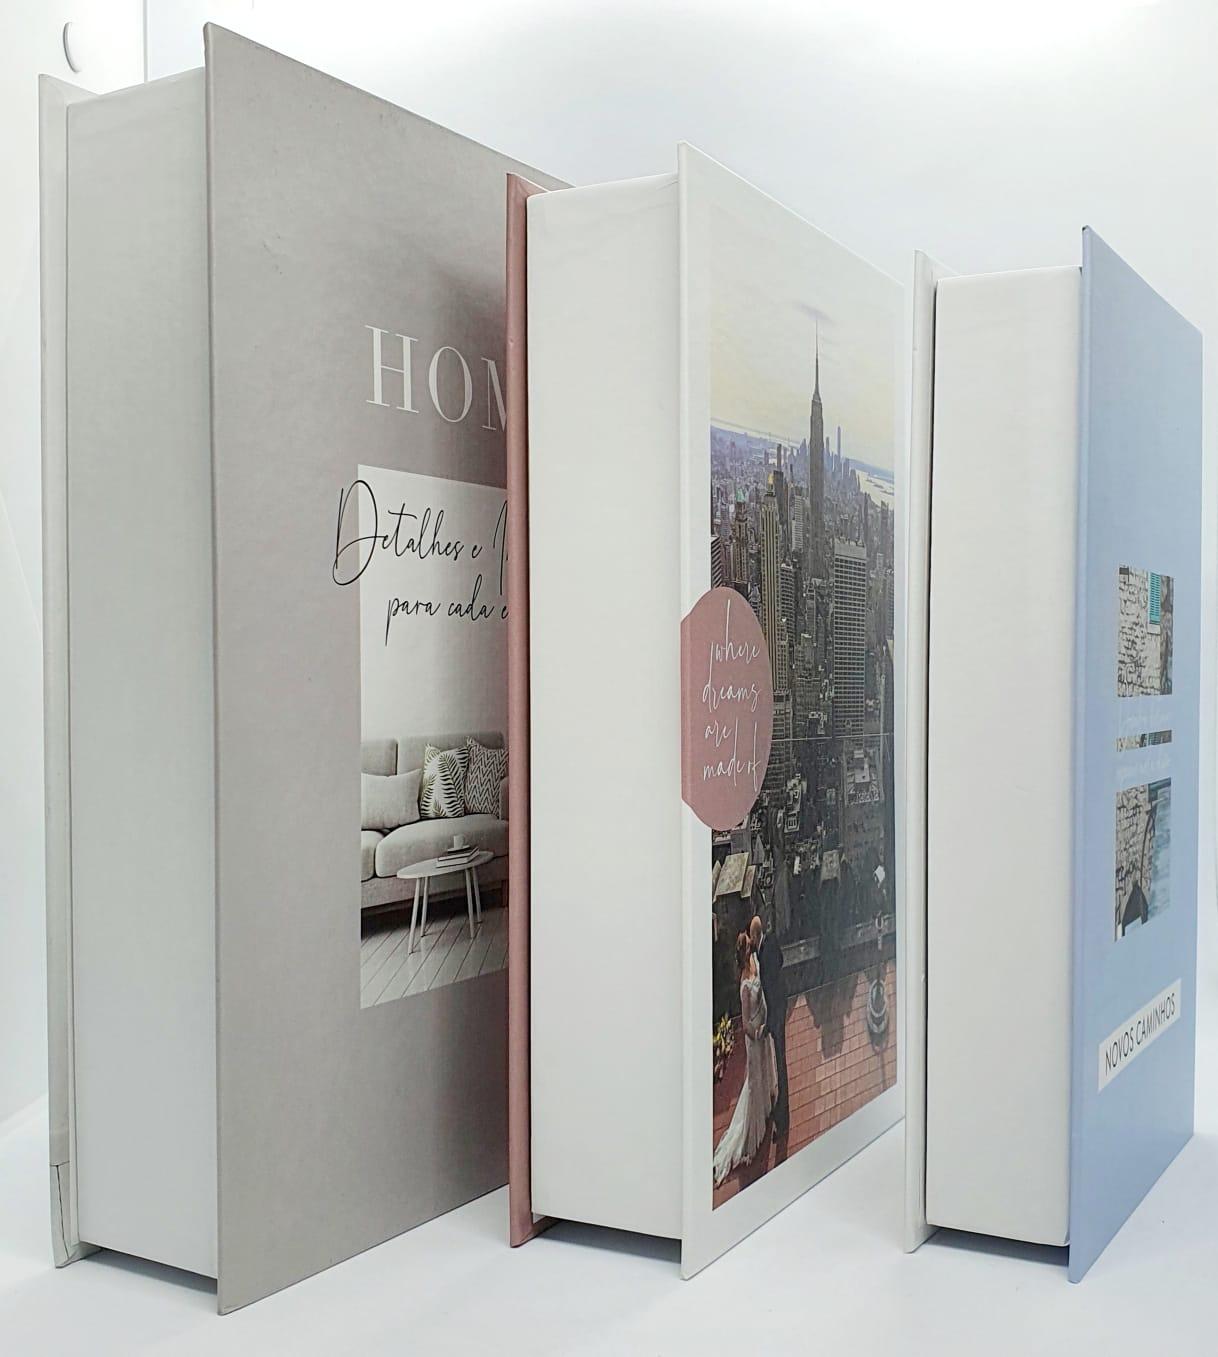 Conjunto caixa decorativa - HOME - 3 peças